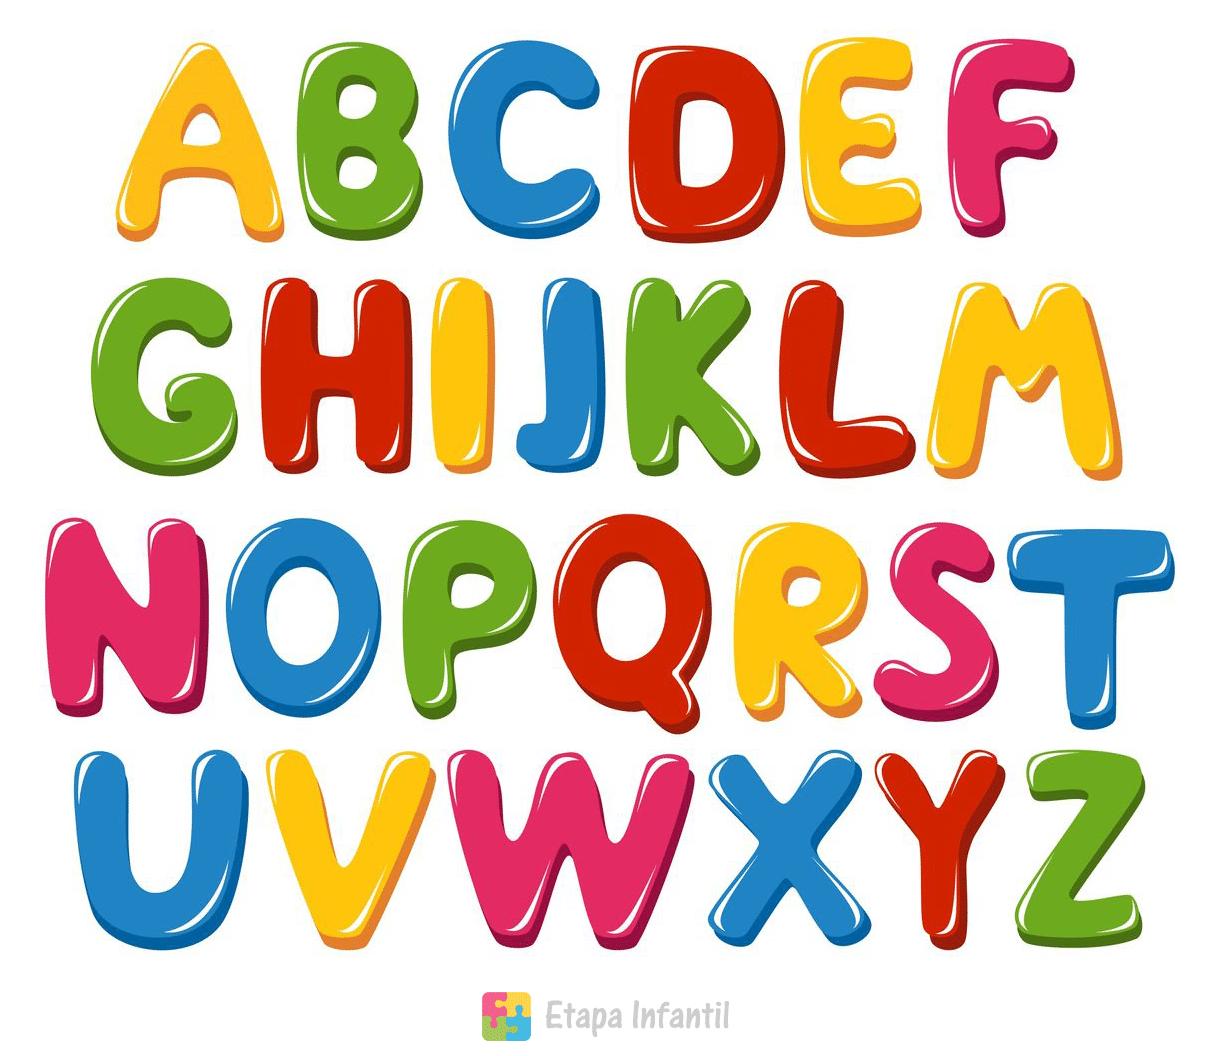 Enseñar de forma divertida el abecedario a un niño - Etapa Infantil